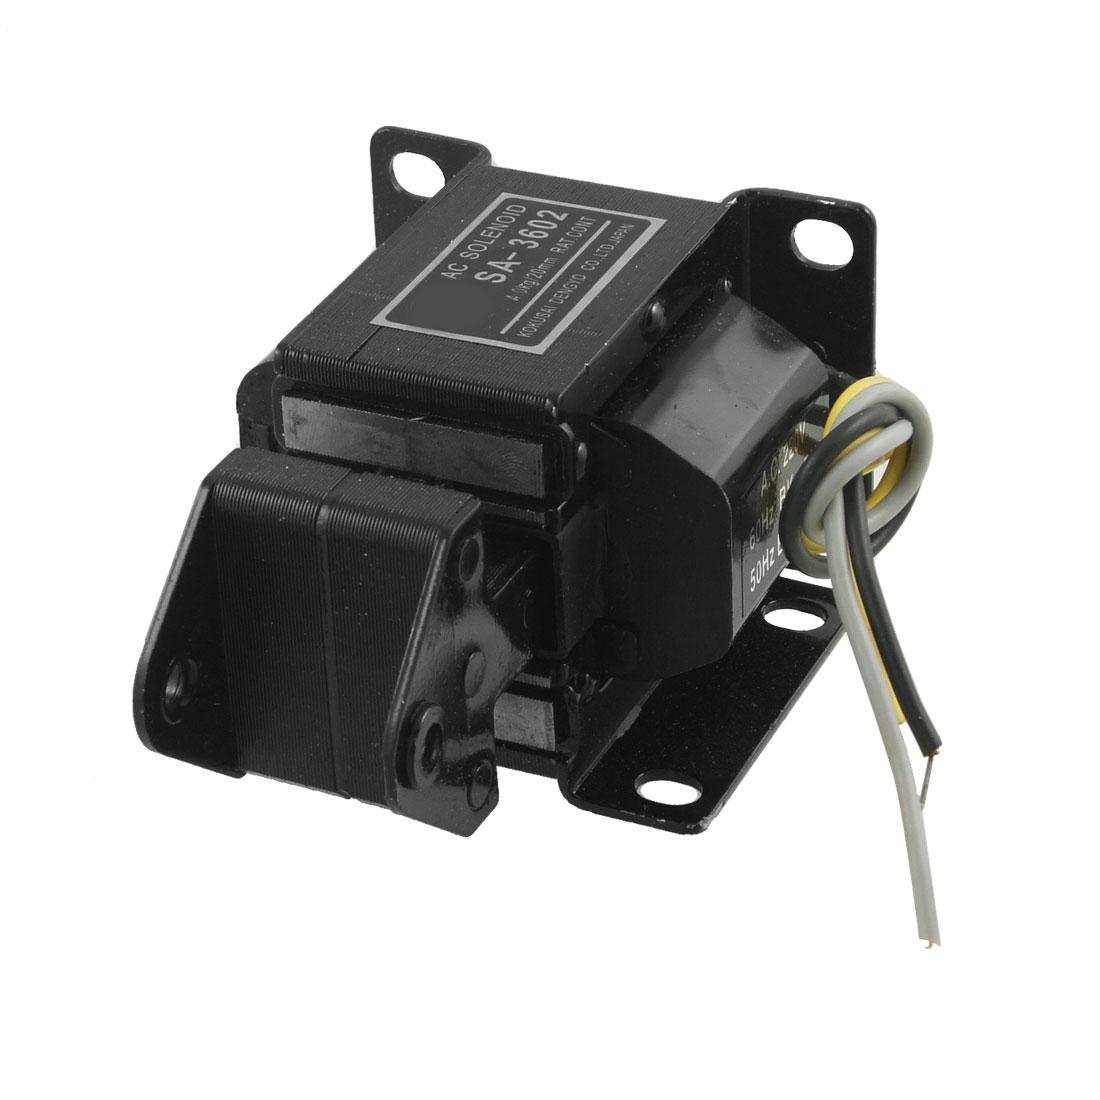 20mm Stroke Tractive Electromagnet AC Solenoid Lift 4Kg 220V